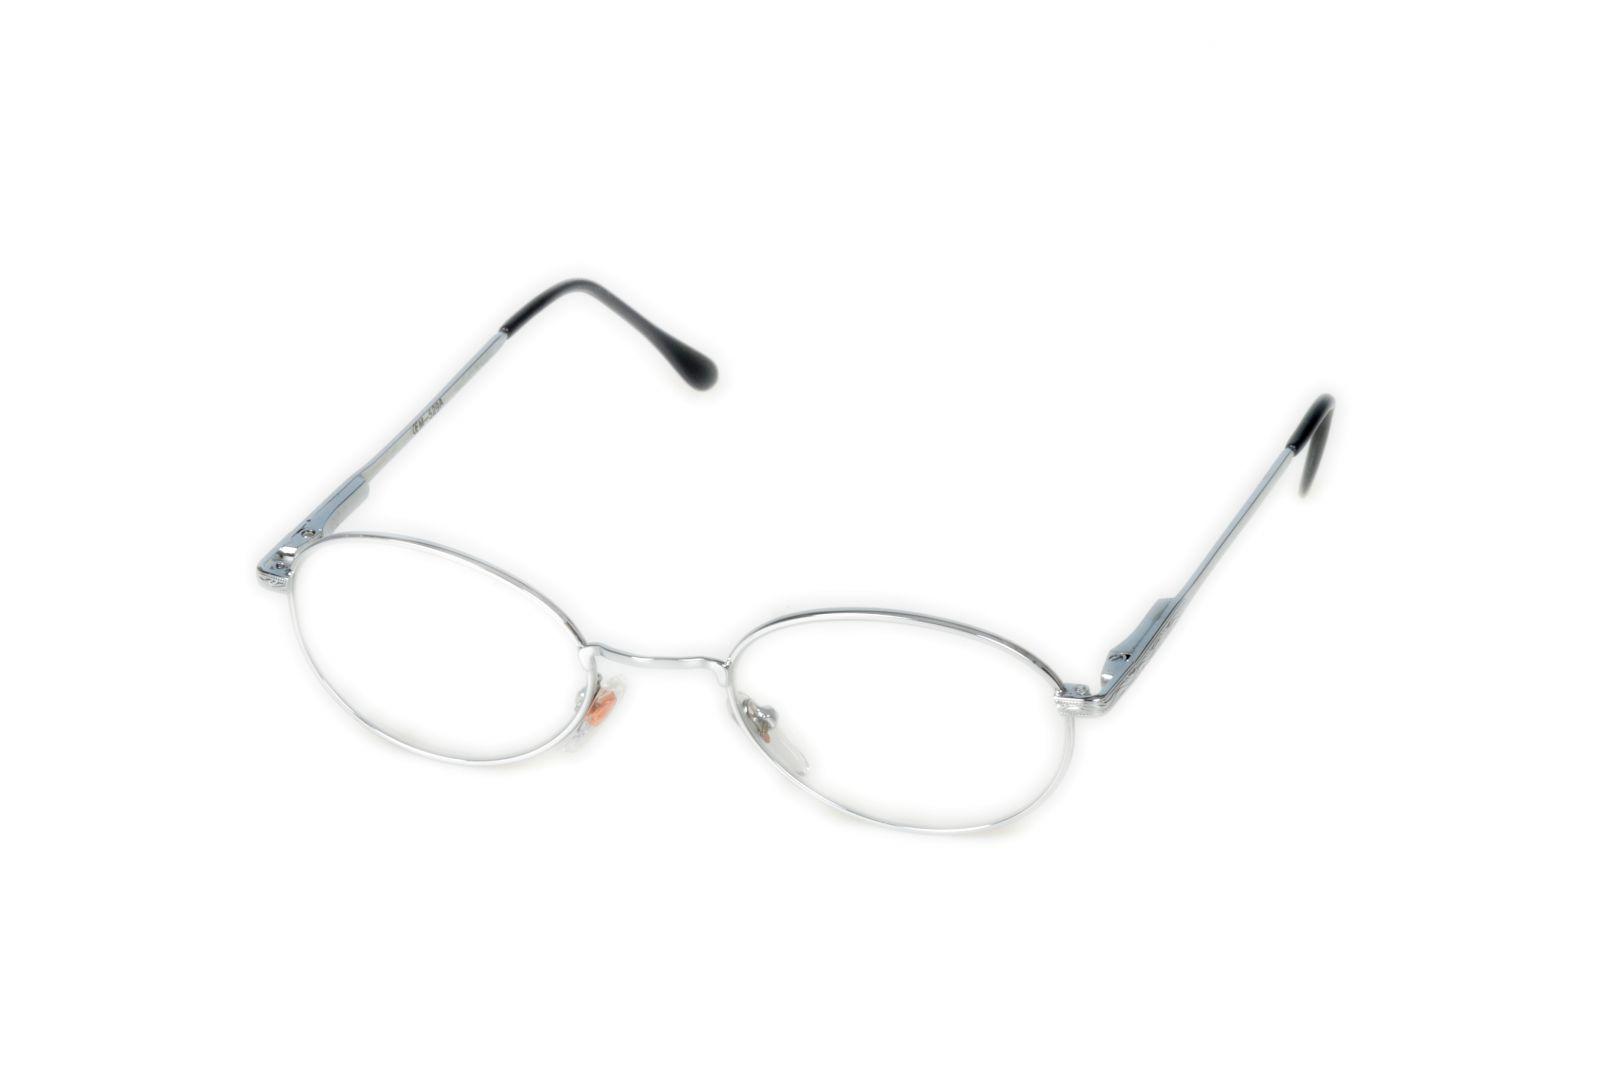 Obroučky dioptrických brýlí 529